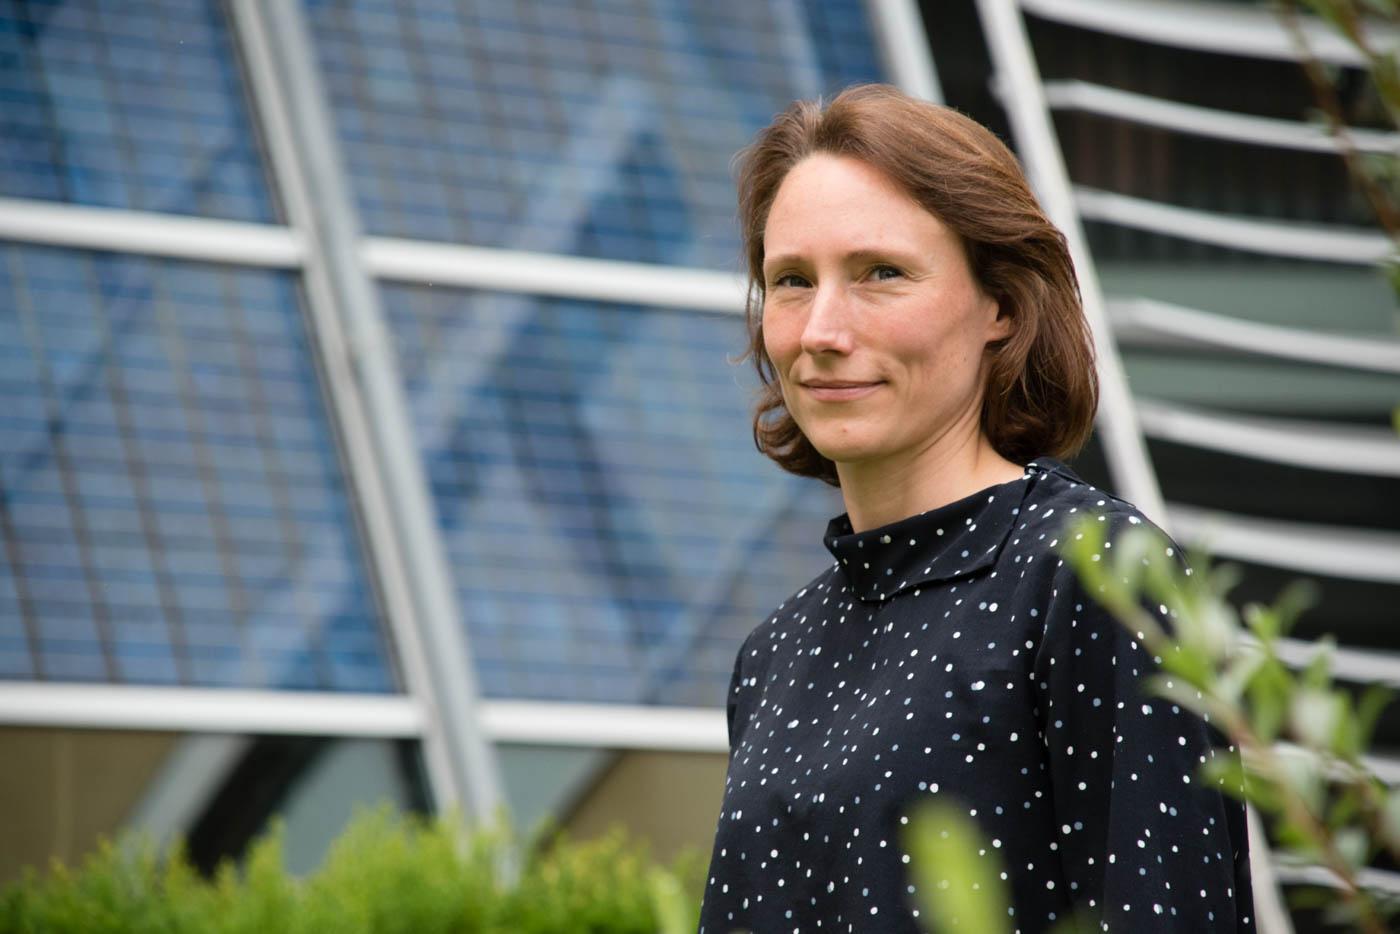 Frau Weidlich vor Solarpanels